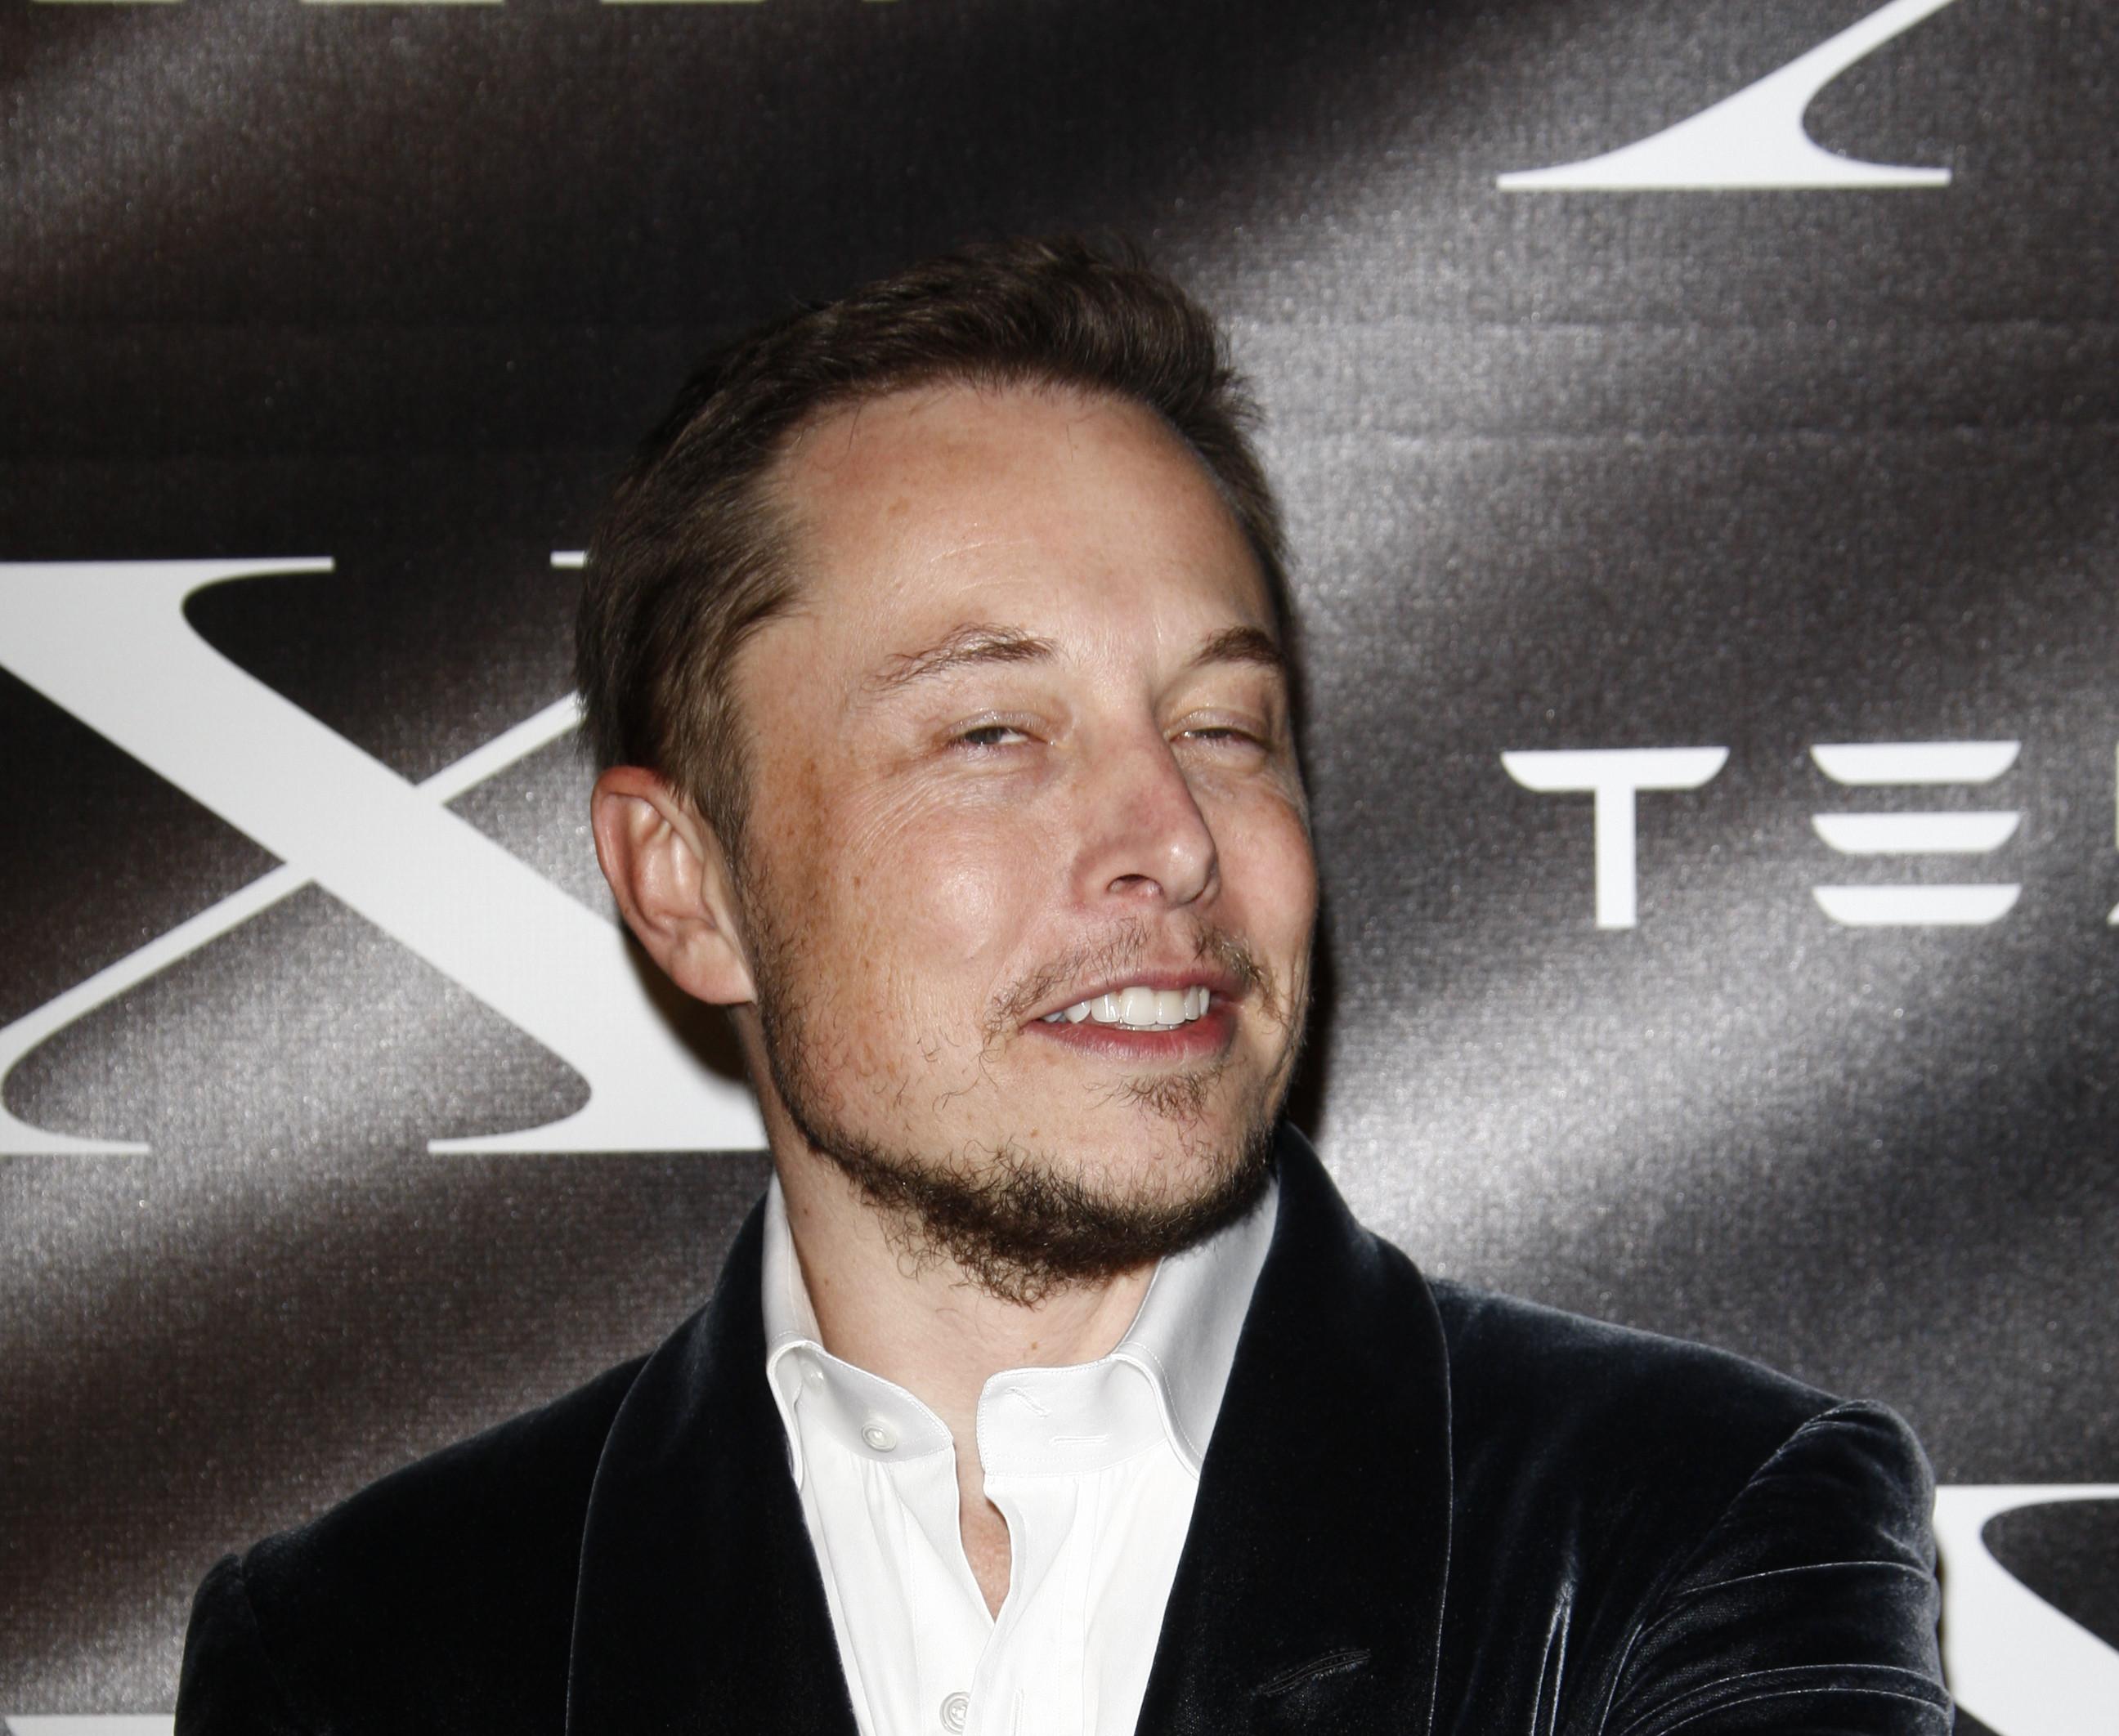 Pour Elon Musk, les entreprises travaillant sur l'IA doivent être régulées (y compris Tesla)